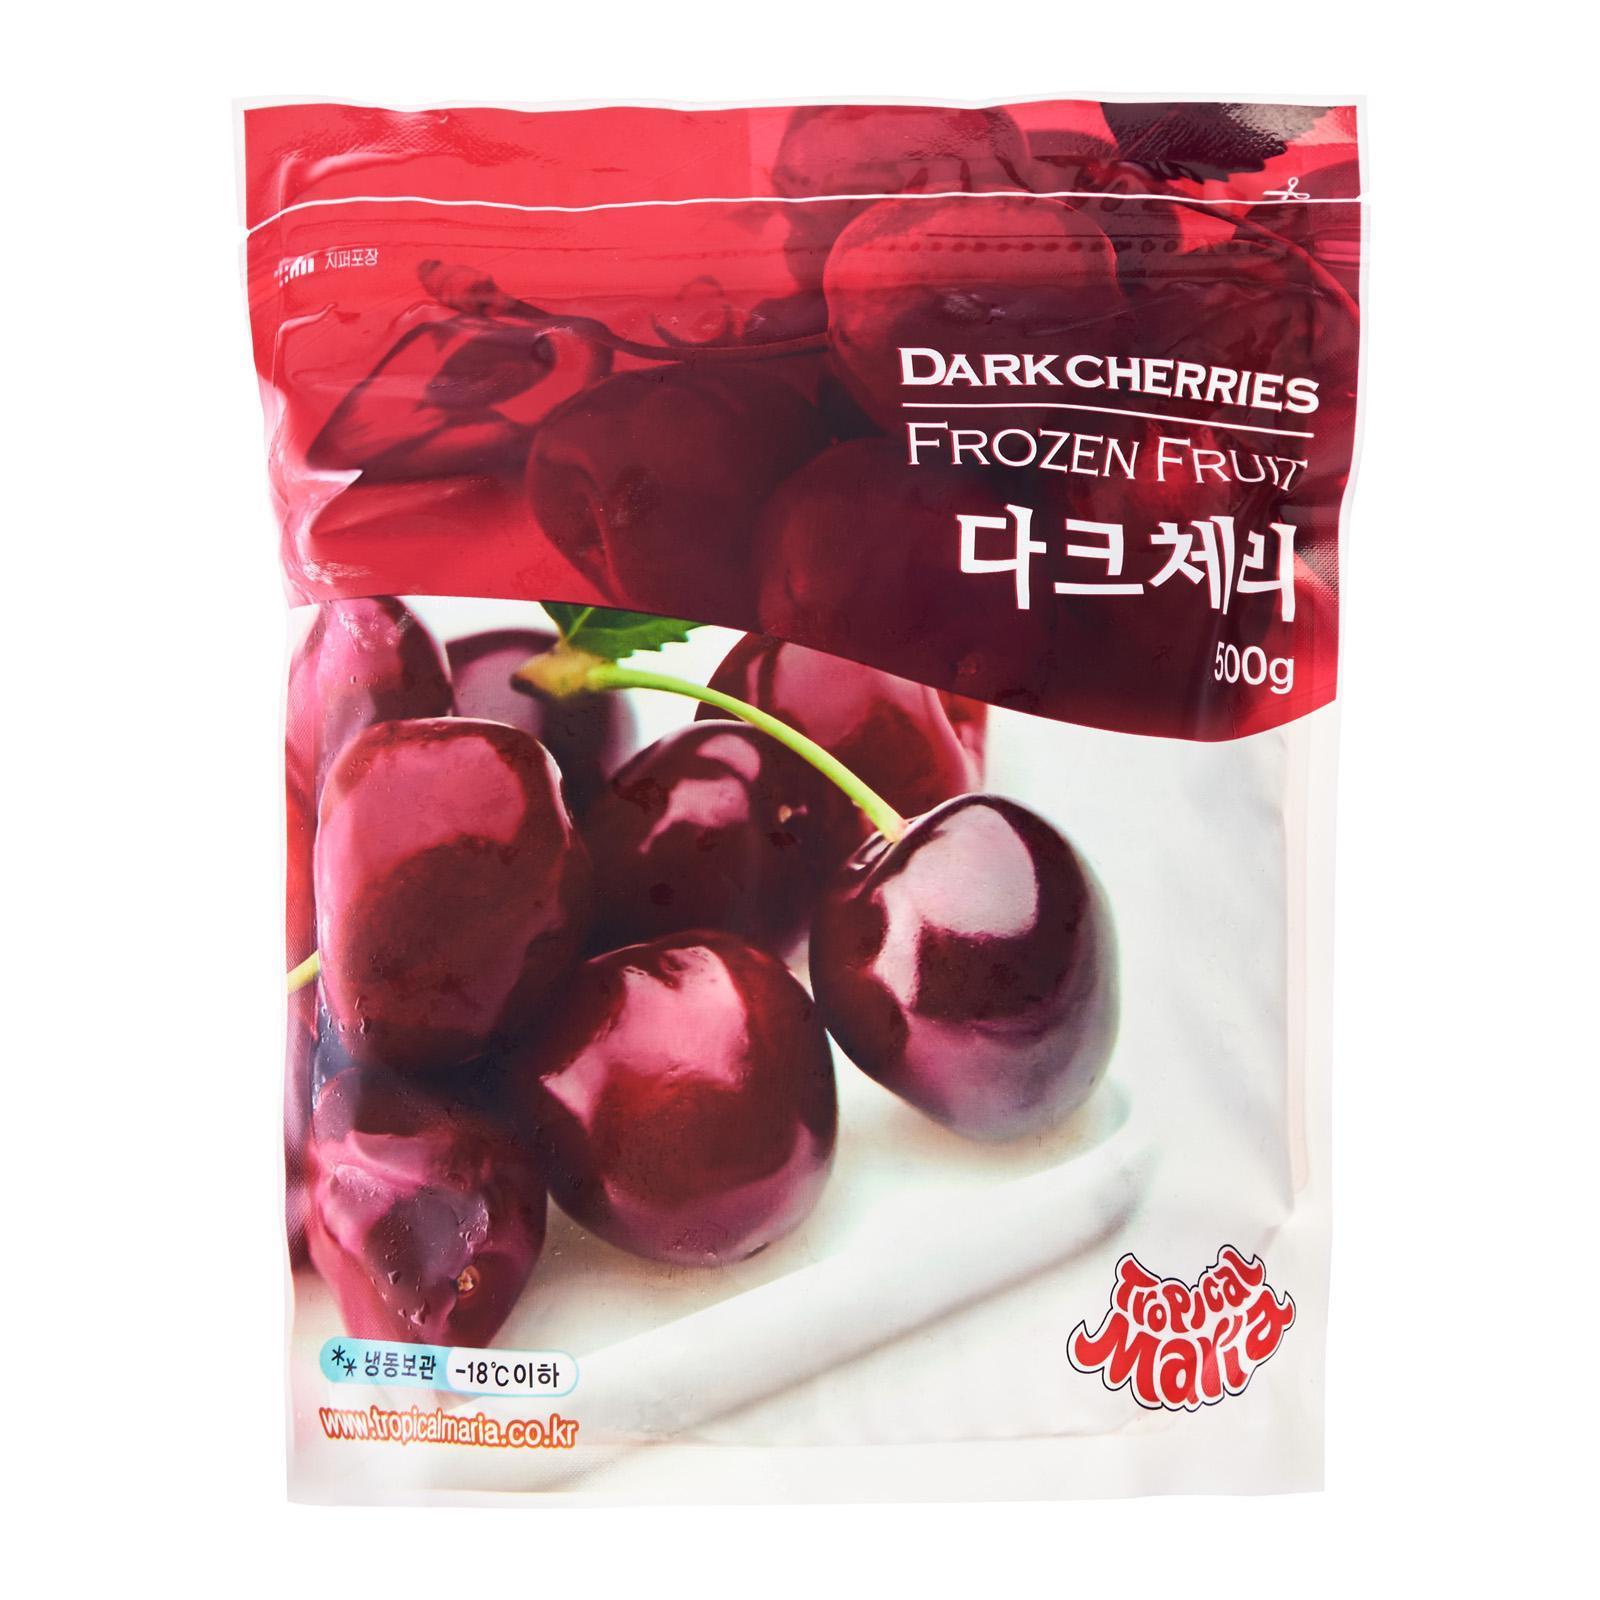 Tropical Maria Dark Cherry Fruits - Frozen